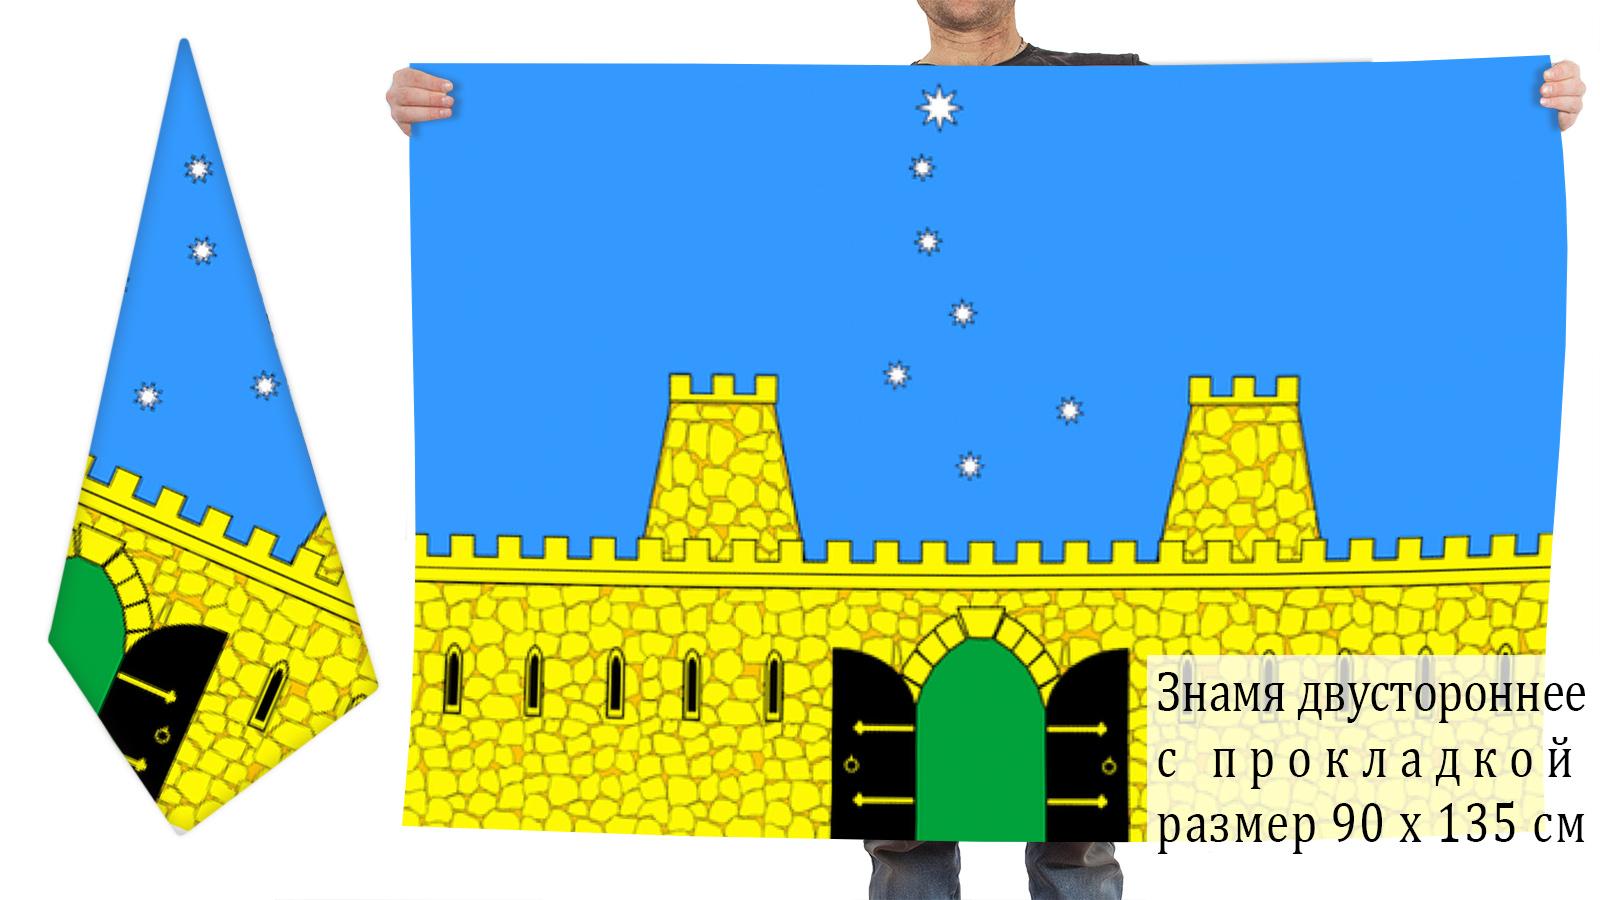 Двусторонний флаг Староминского района